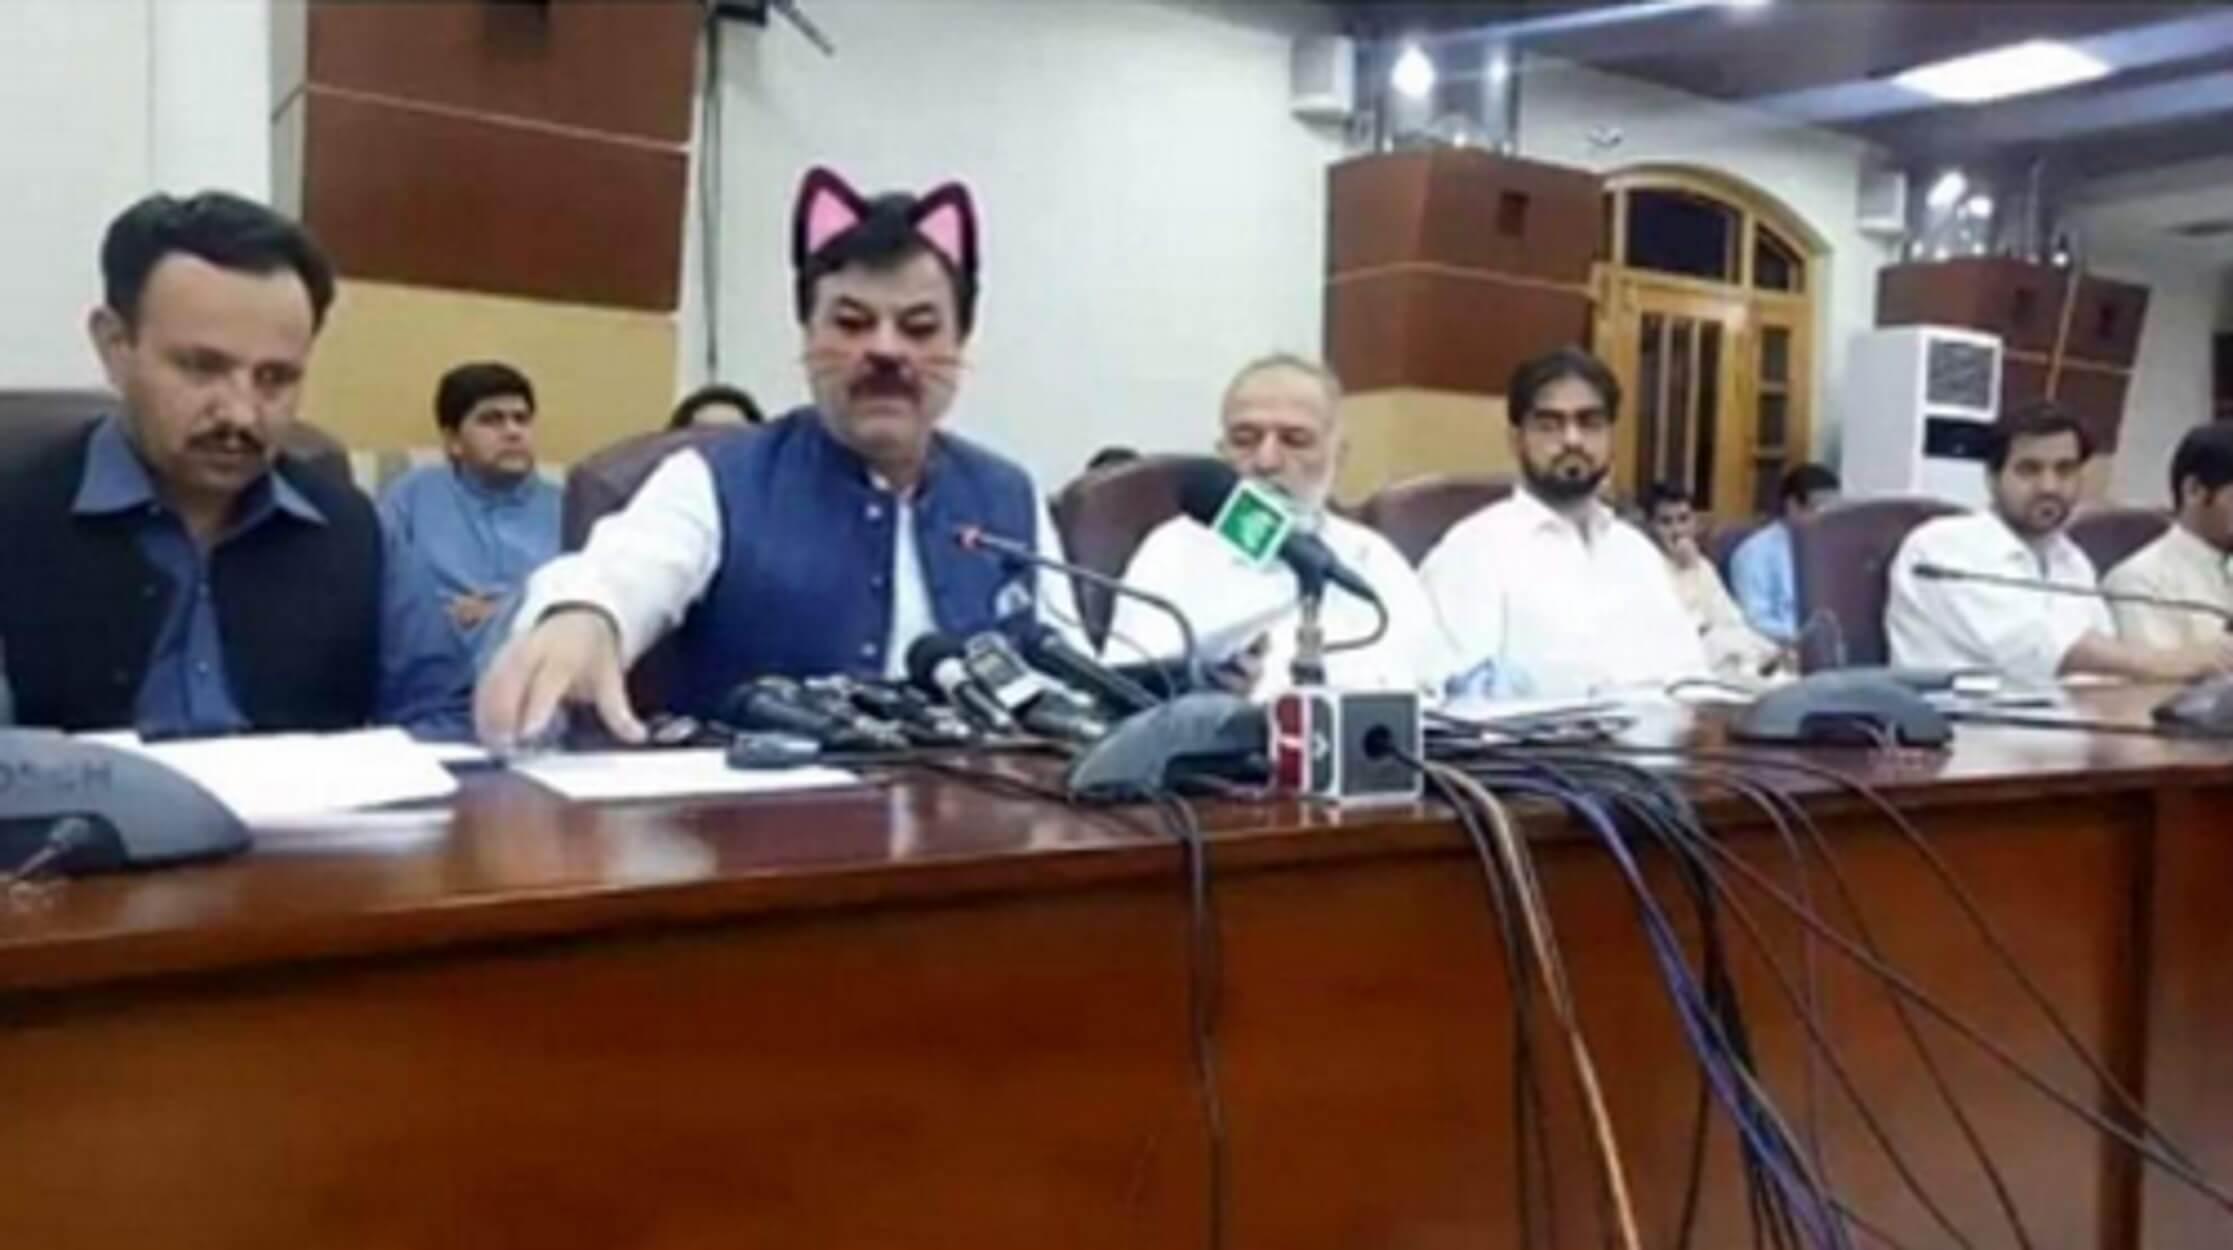 Υπουργός με ροζ αυτάκια και μουστάκια γάτας στη συνέντευξη Τύπου!